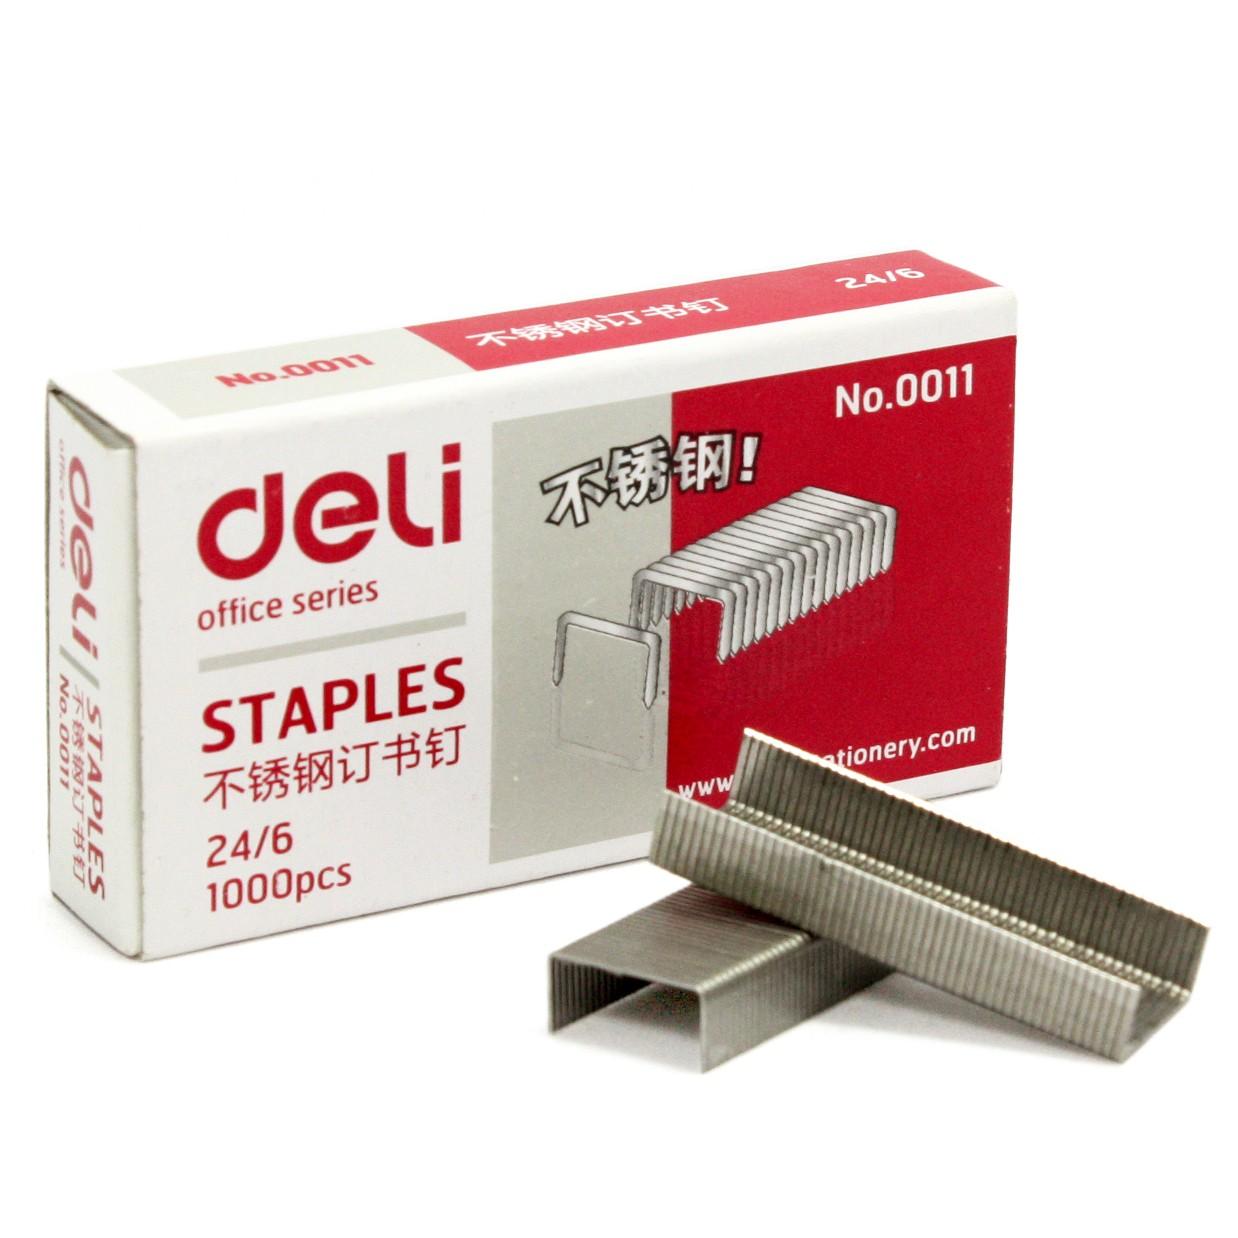 得力(deli) 0011 不锈钢订书针 24/6 (1000支/盒,10盒